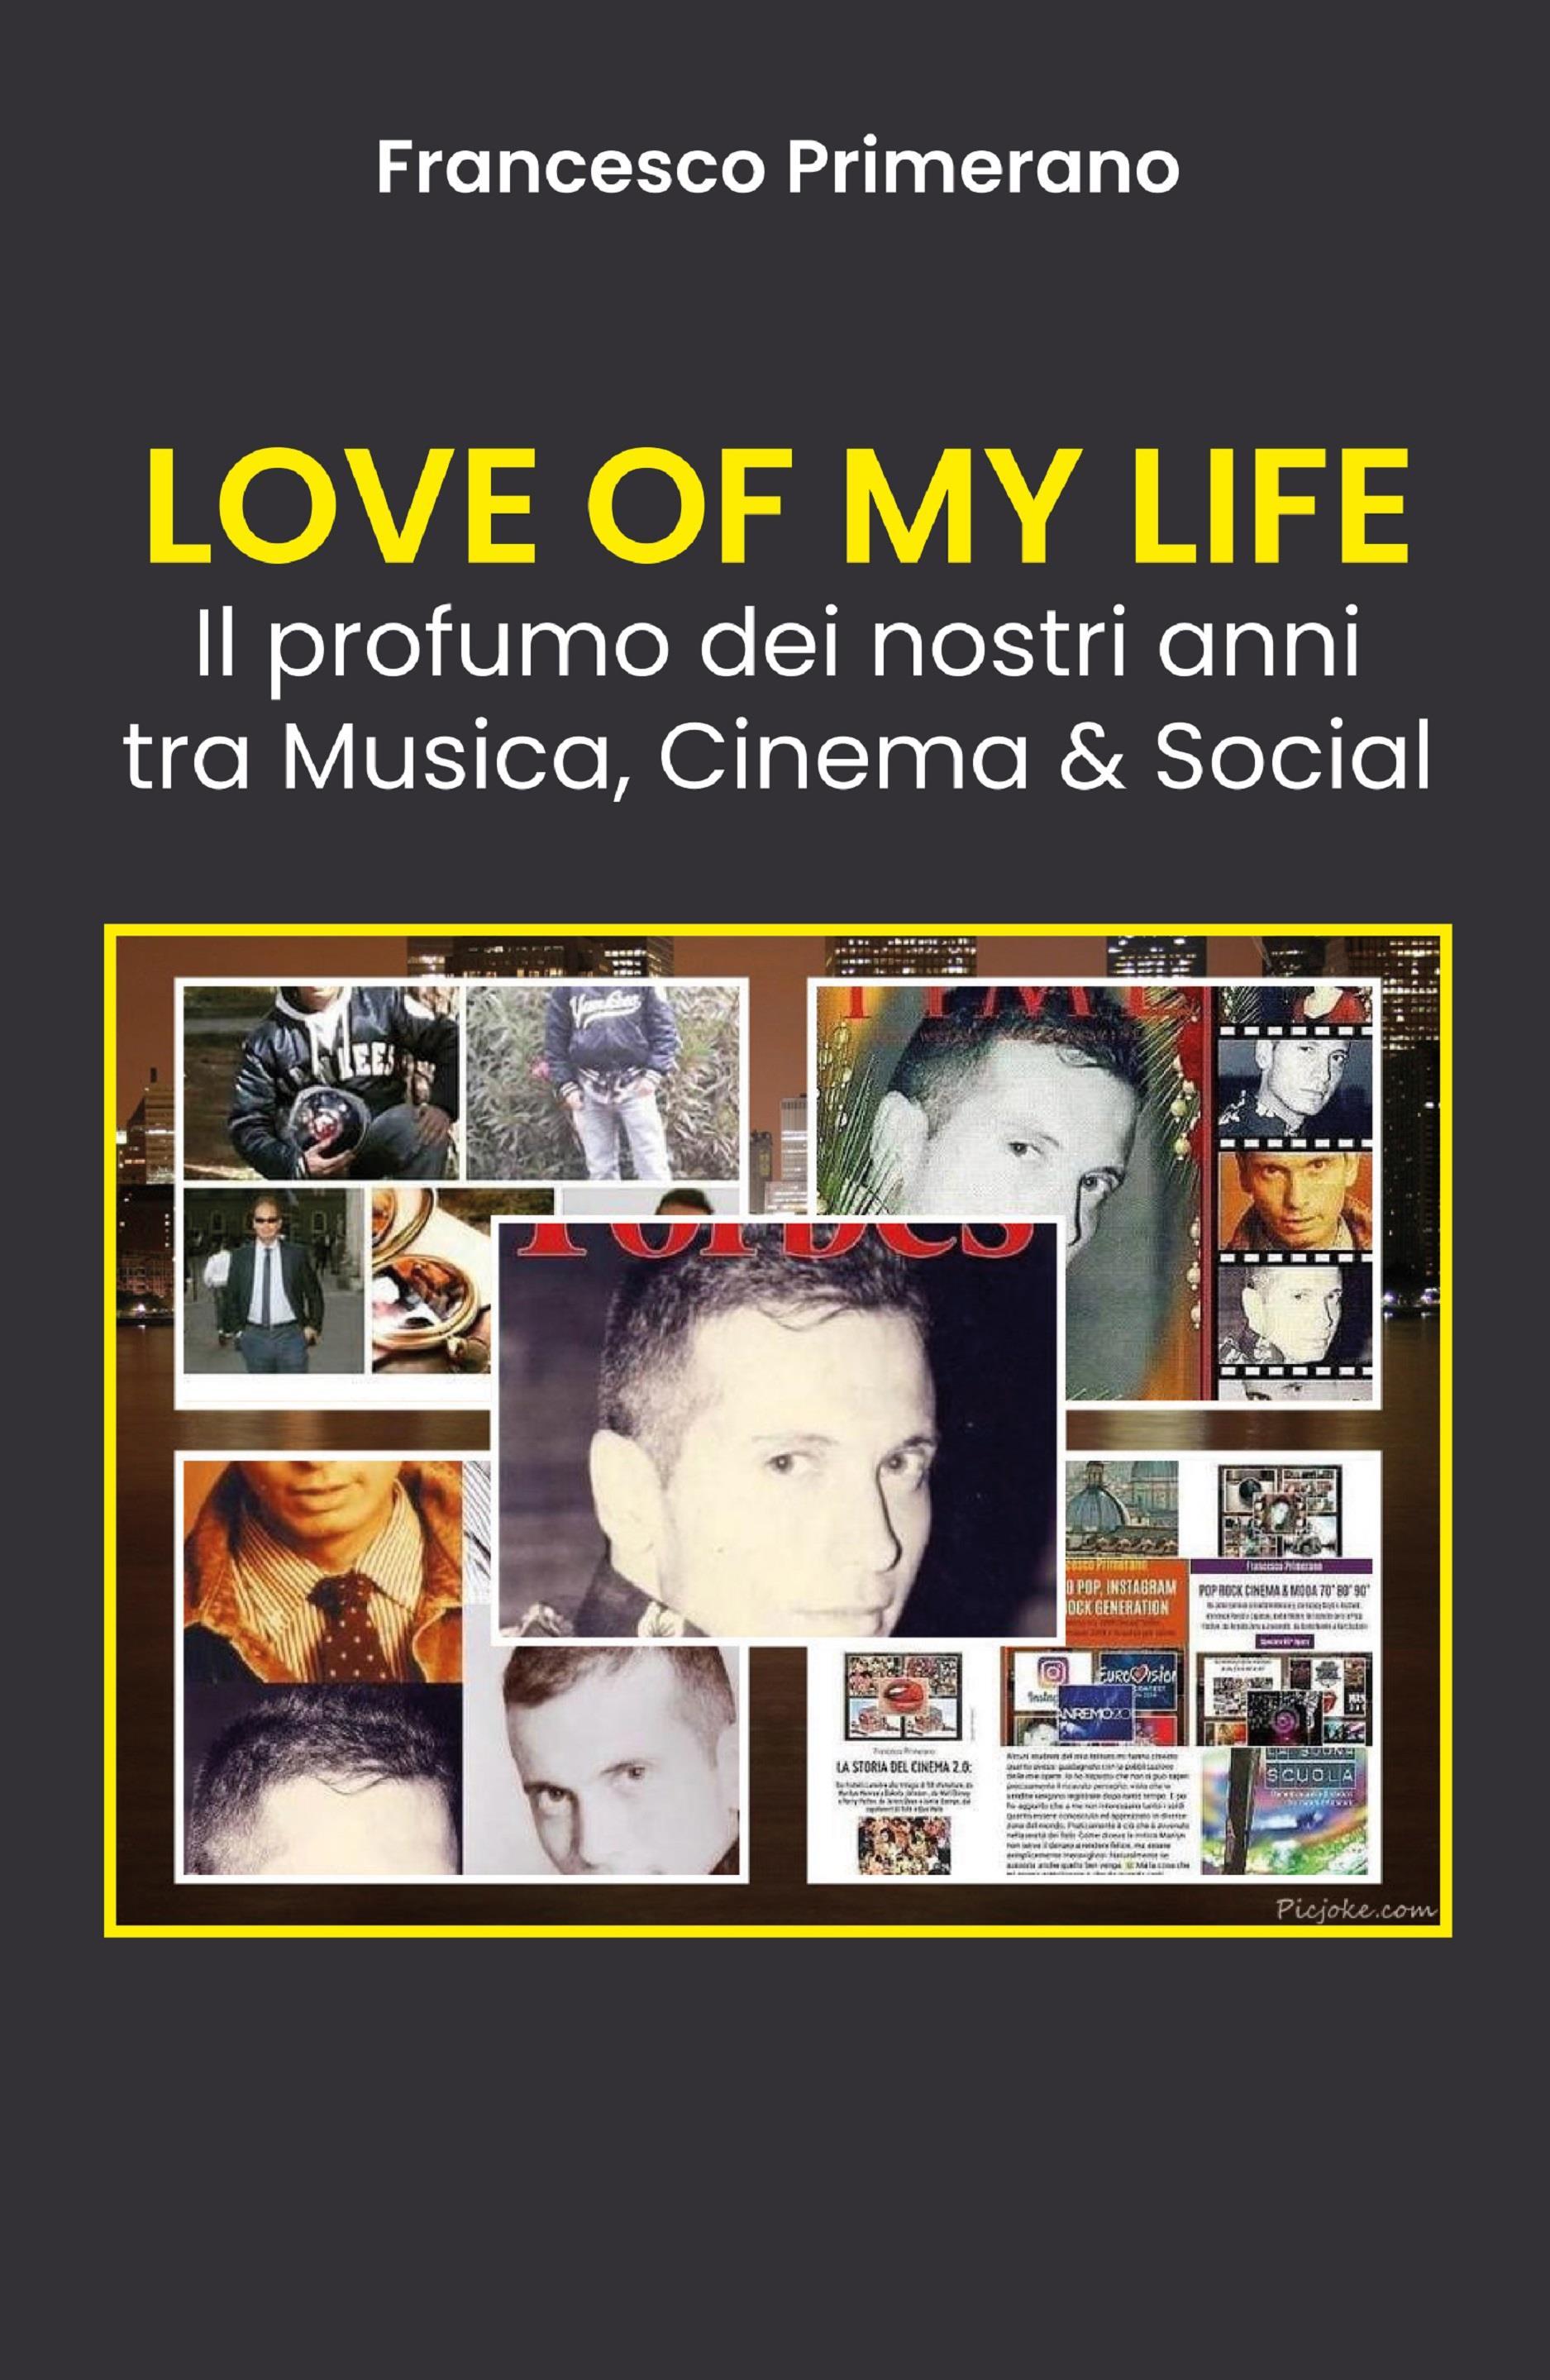 LOVE OF MY LIFE Il profumo dei nostri anni tra Musica, Cinema & Social